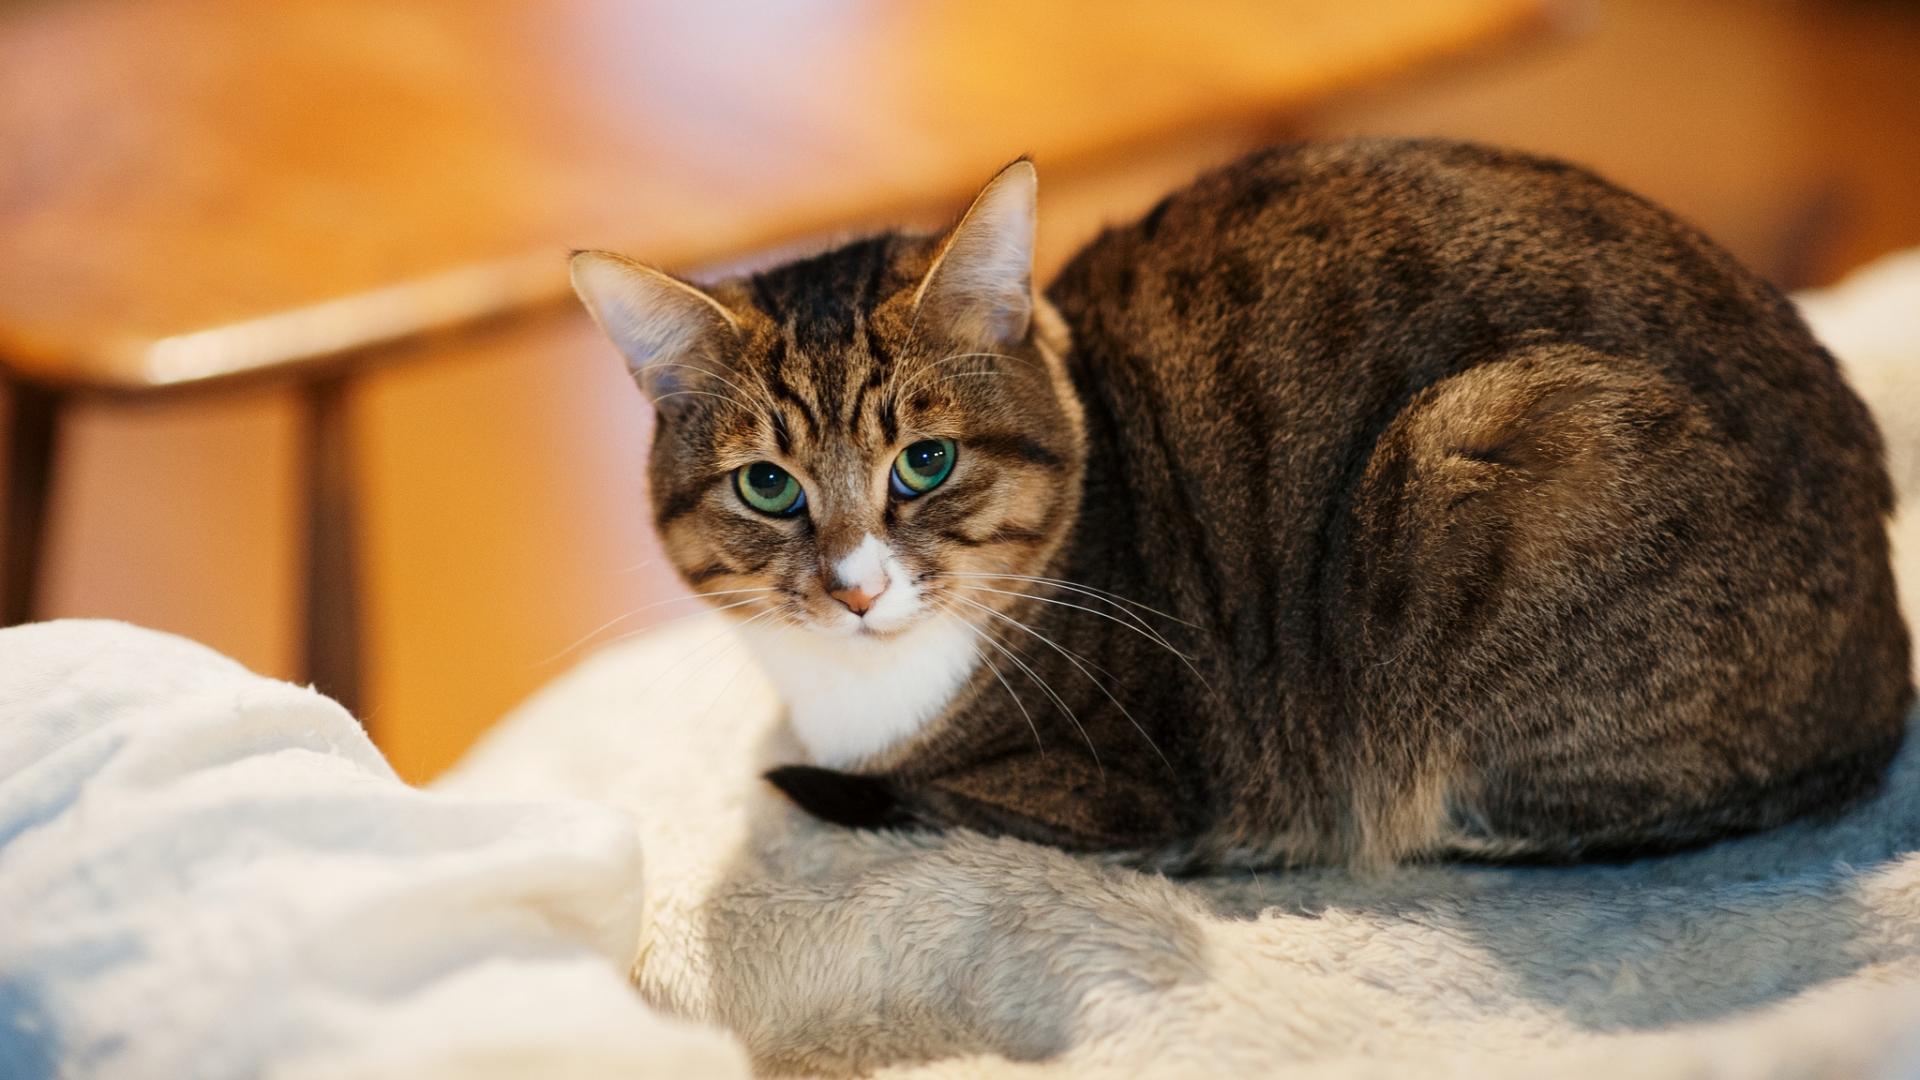 Un gato mirandote - 1920x1080